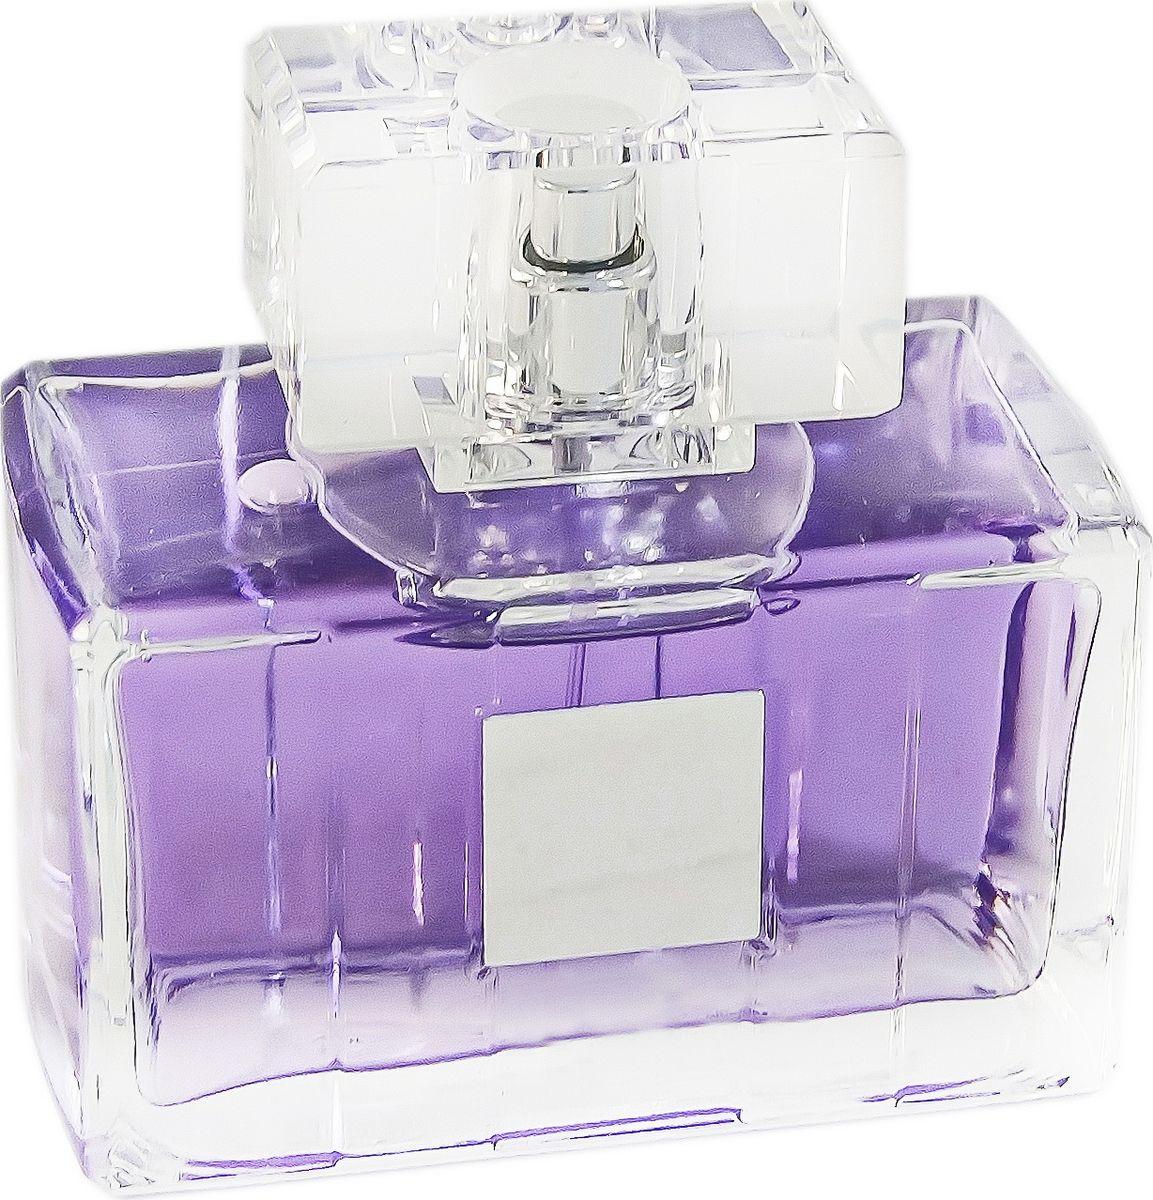 Geparlys Парфюмерная вода Iwan women Линии Parfums Glenn Perri, 100 мл2603000Не характерный аромат от Geparlys, пленяющий метаморфозами оттенков и нот. Обладательница этого парфюма, женщина не ординарная, с хорошим вкусом, всегда в центре внимания у мужчин. Основная парфюмерная композиция: яблоко, мандарин, роза, кашемир, янтарь.